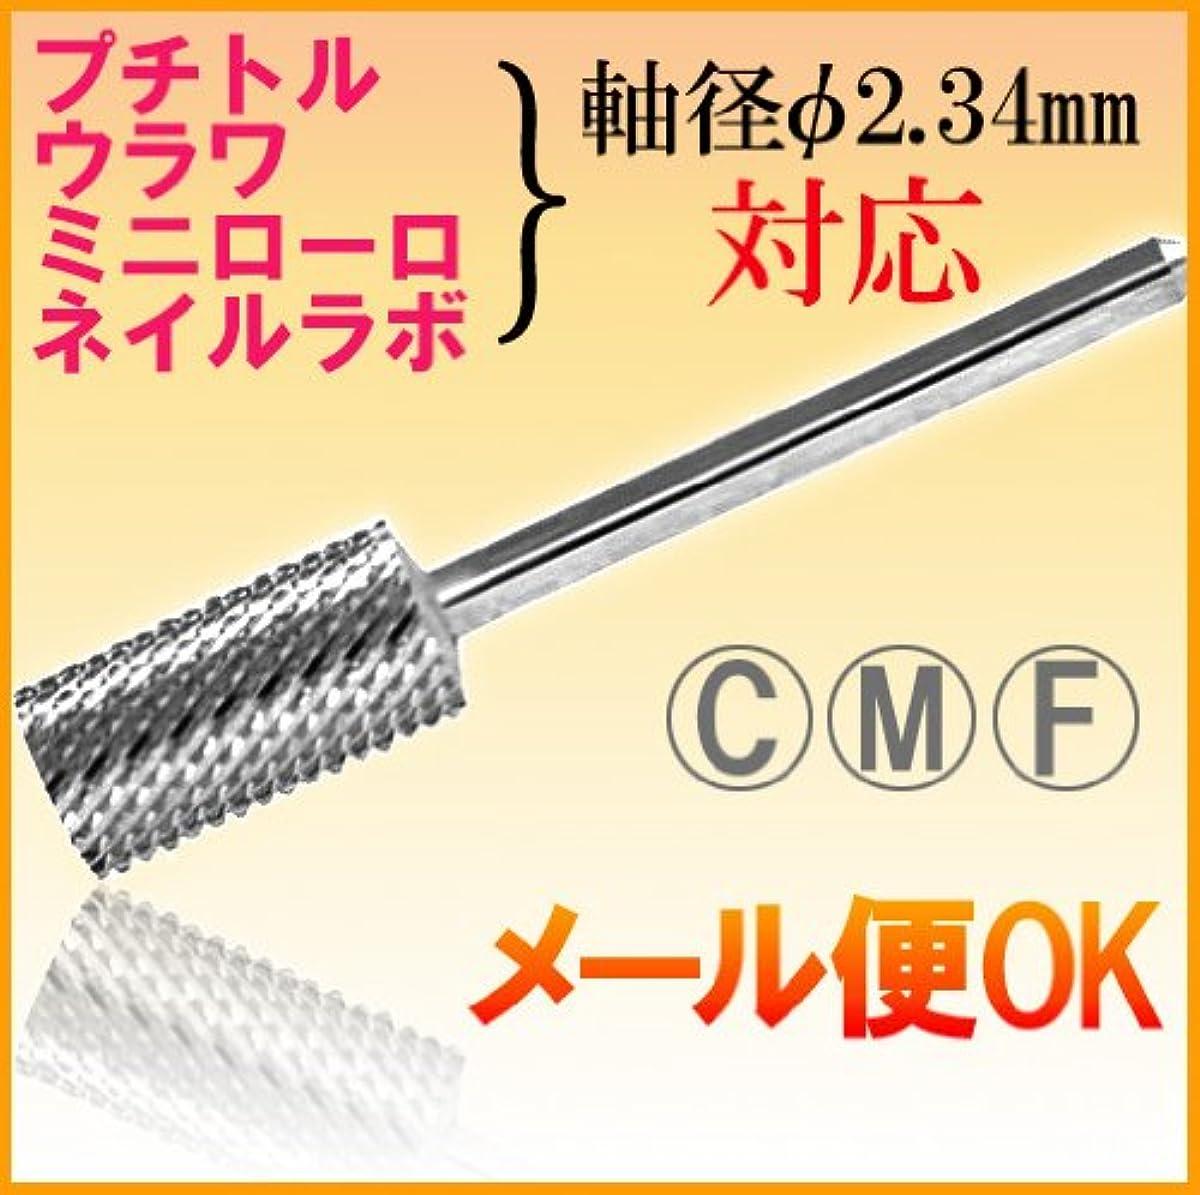 のれん削減フォローネイルマシン用 アタッチメント ビット(ミディアム)